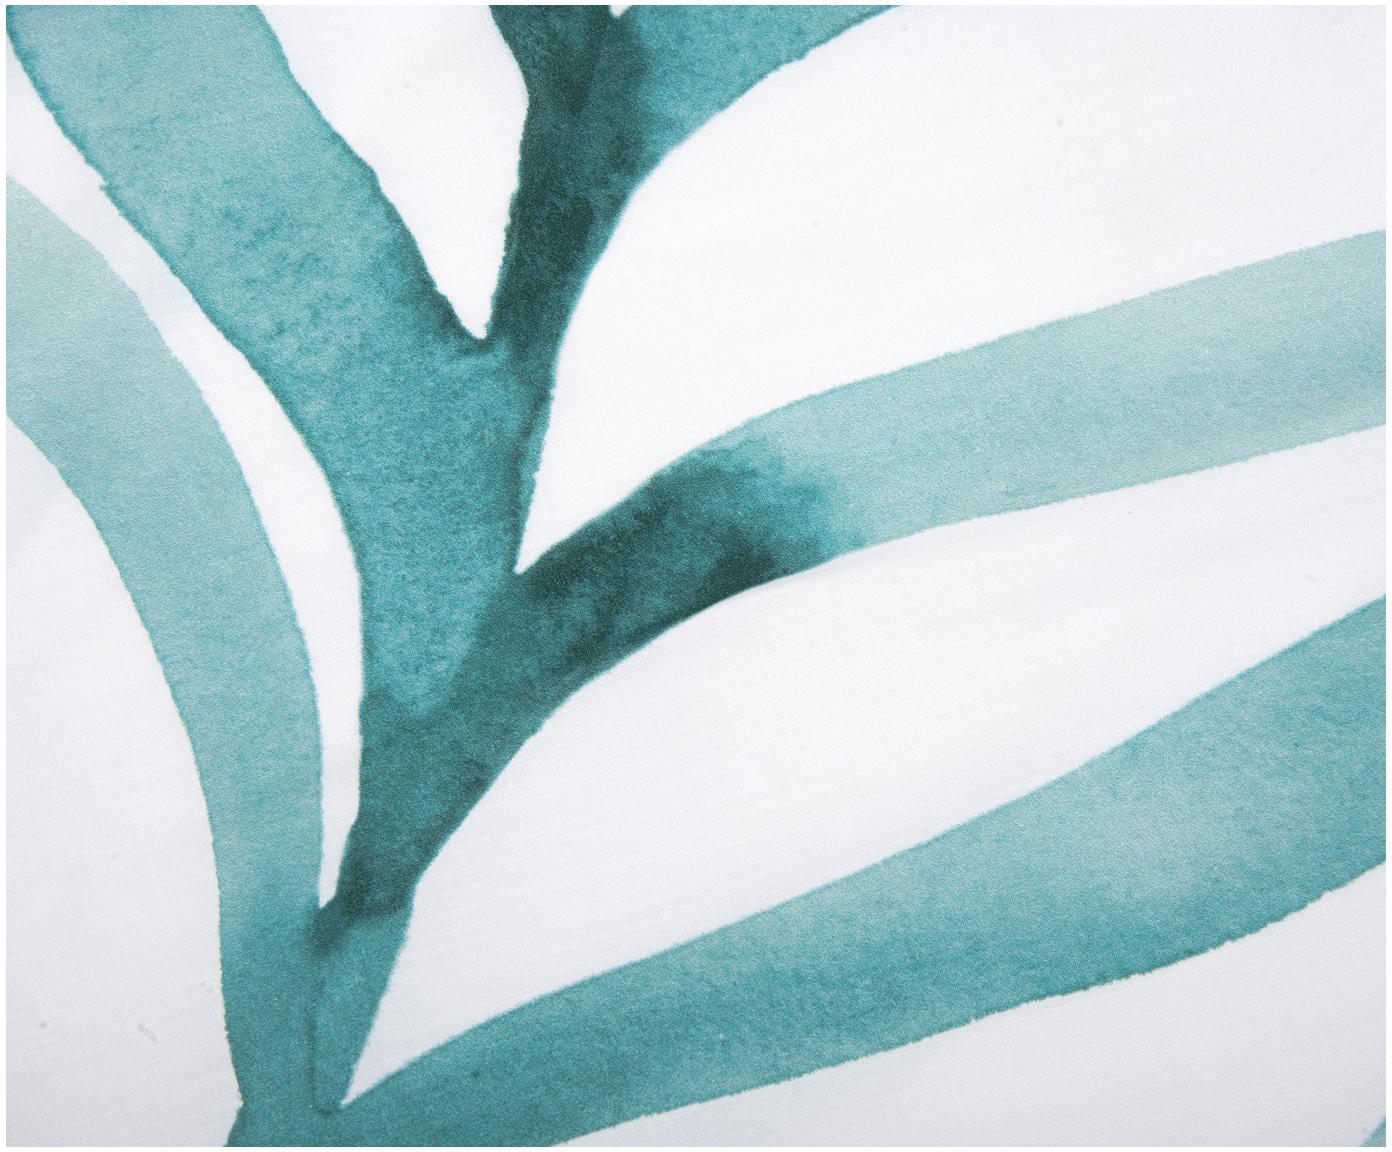 Baumwollperkal-Bettwäsche Francine mit Blattmuster, Webart: Perkal Fadendichte 180 TC, Vorderseite: Grün, WeißRückseite: Weiß, 135 x 200 cm + 1 Kissen 80 x 80 cm